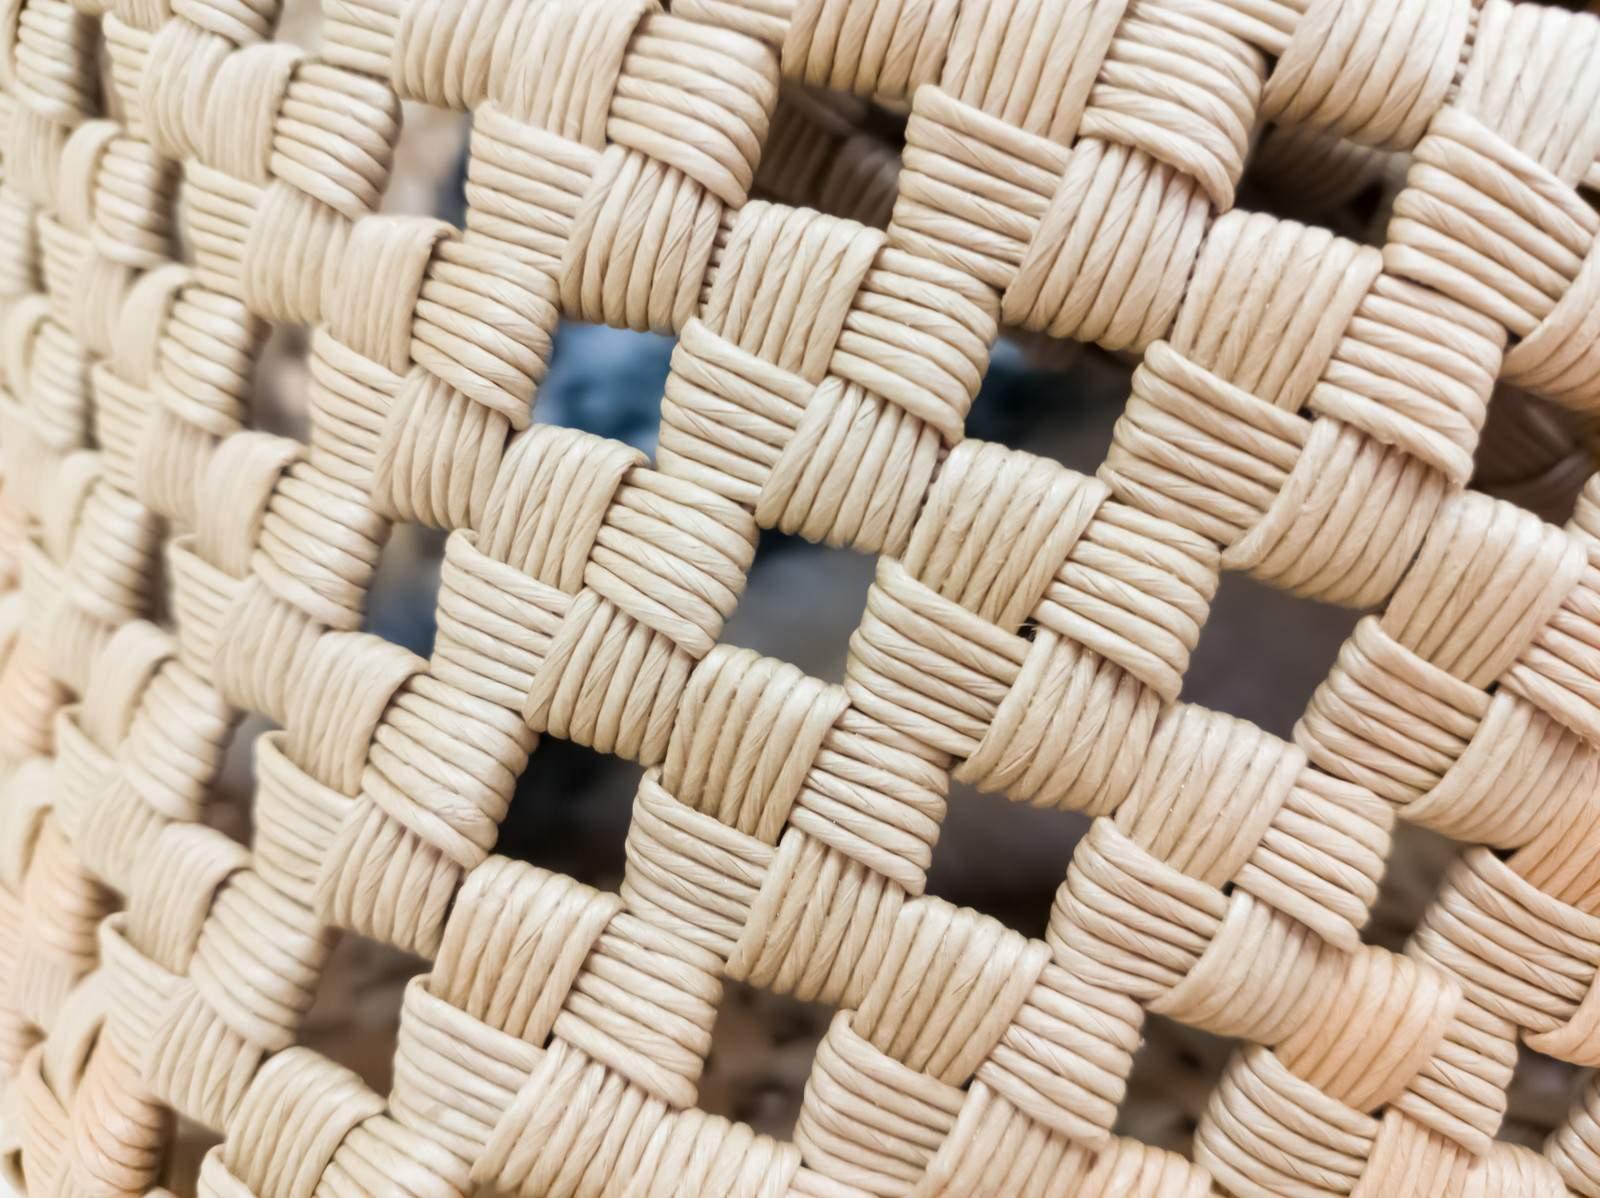 「編みかごのテクスチャ」の写真